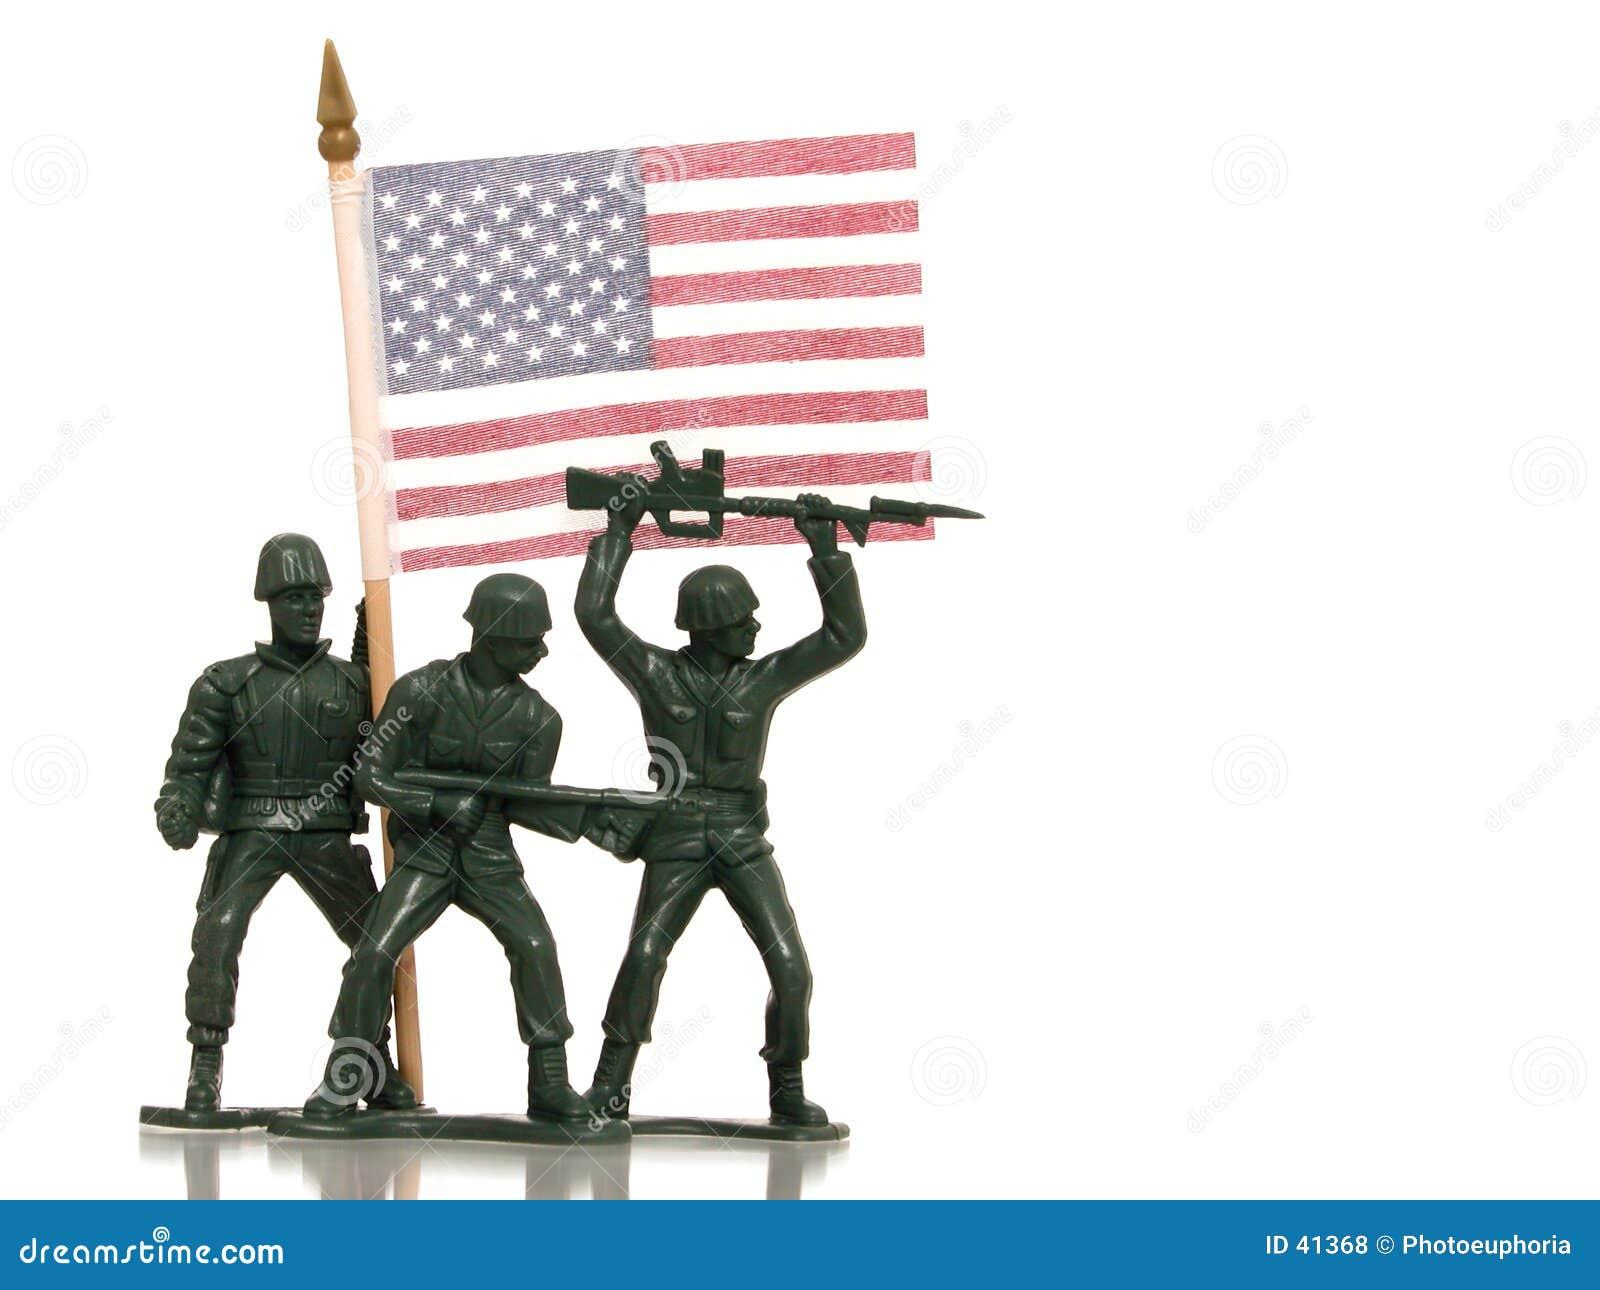 Spielzeug-grüne Armee-Männer mit US-Markierungsfahne auf Weiß